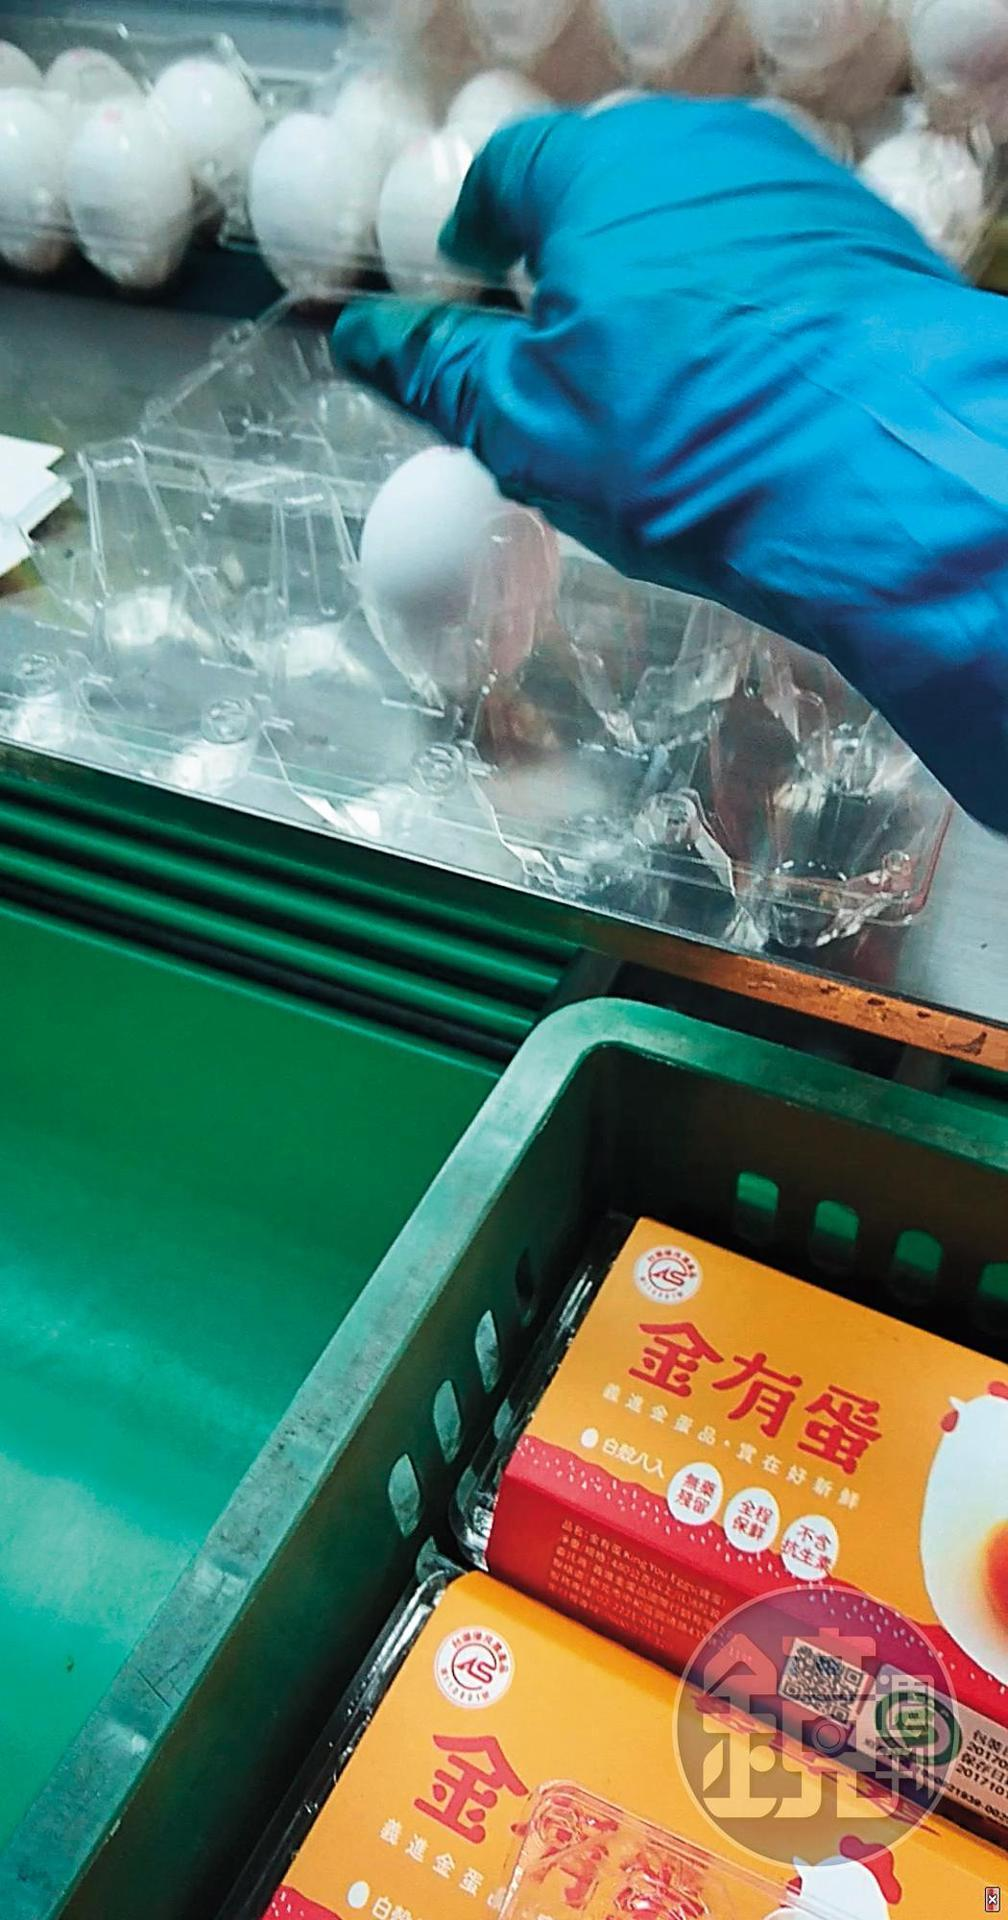 混入新鮮蛋:外型完整的雞蛋混入新鮮蛋品。